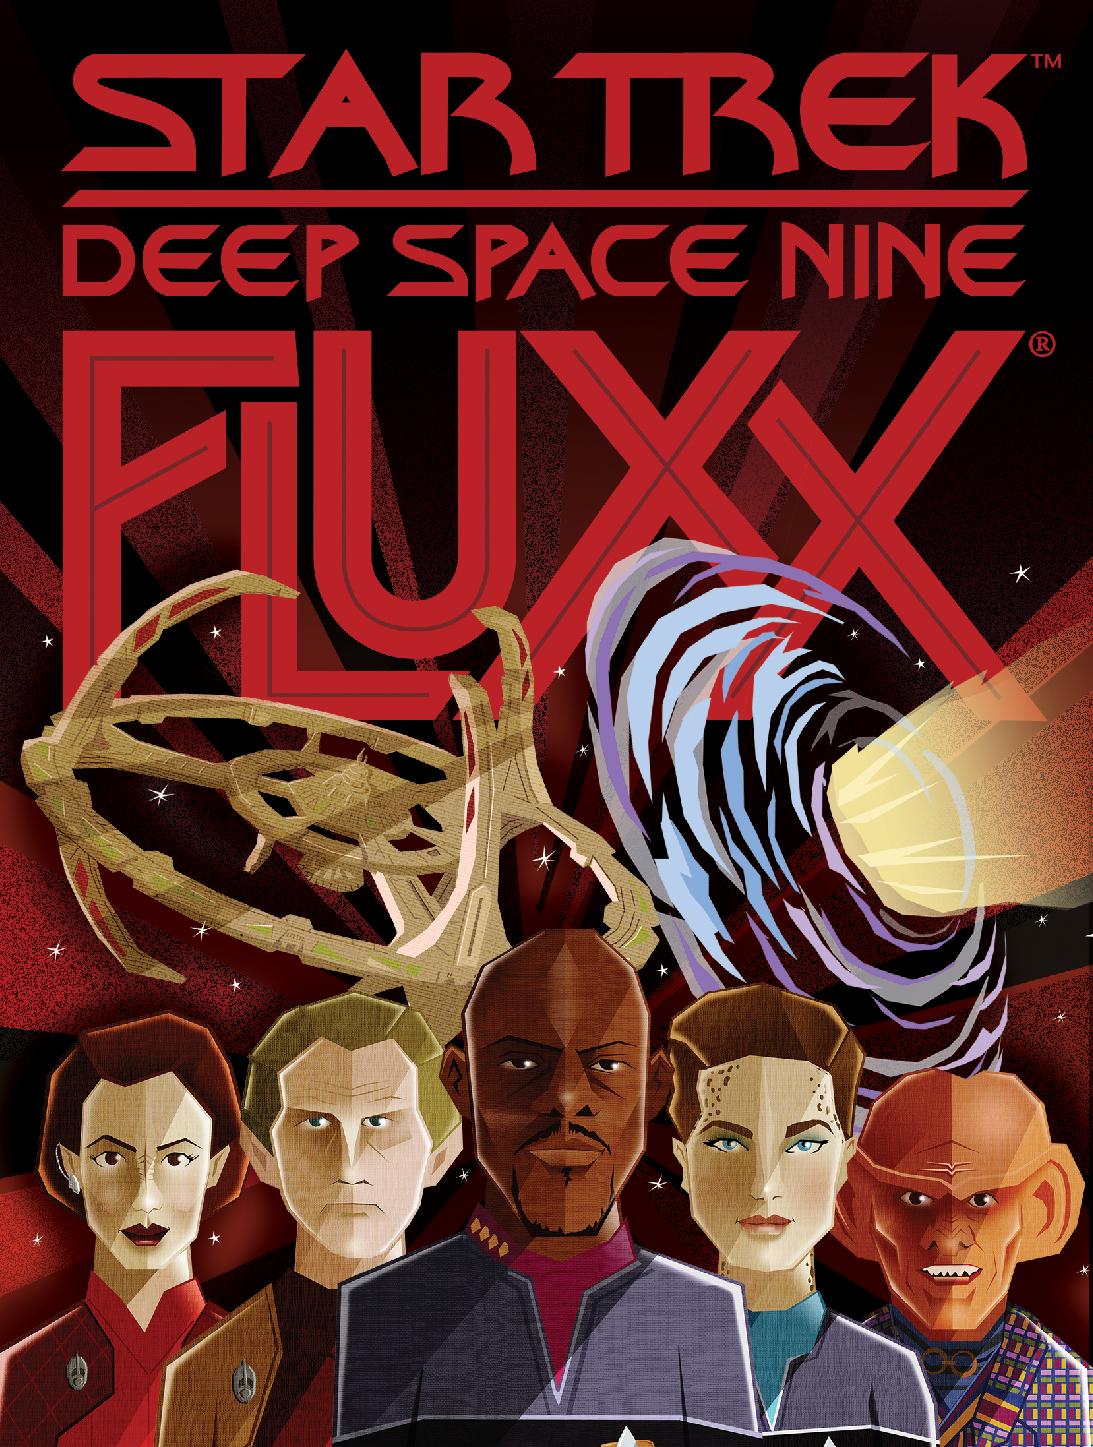 Star Trek: DS9 Fluxx flat cover